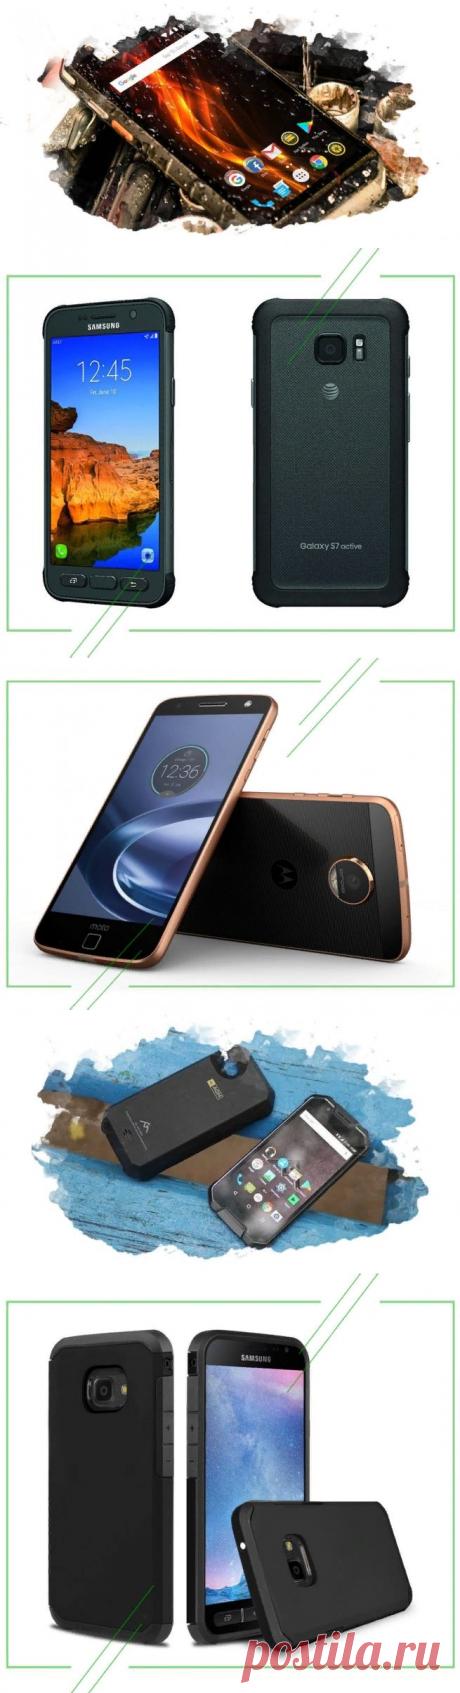 ТОП-7 лучших защищенных смартфонов 2019 года